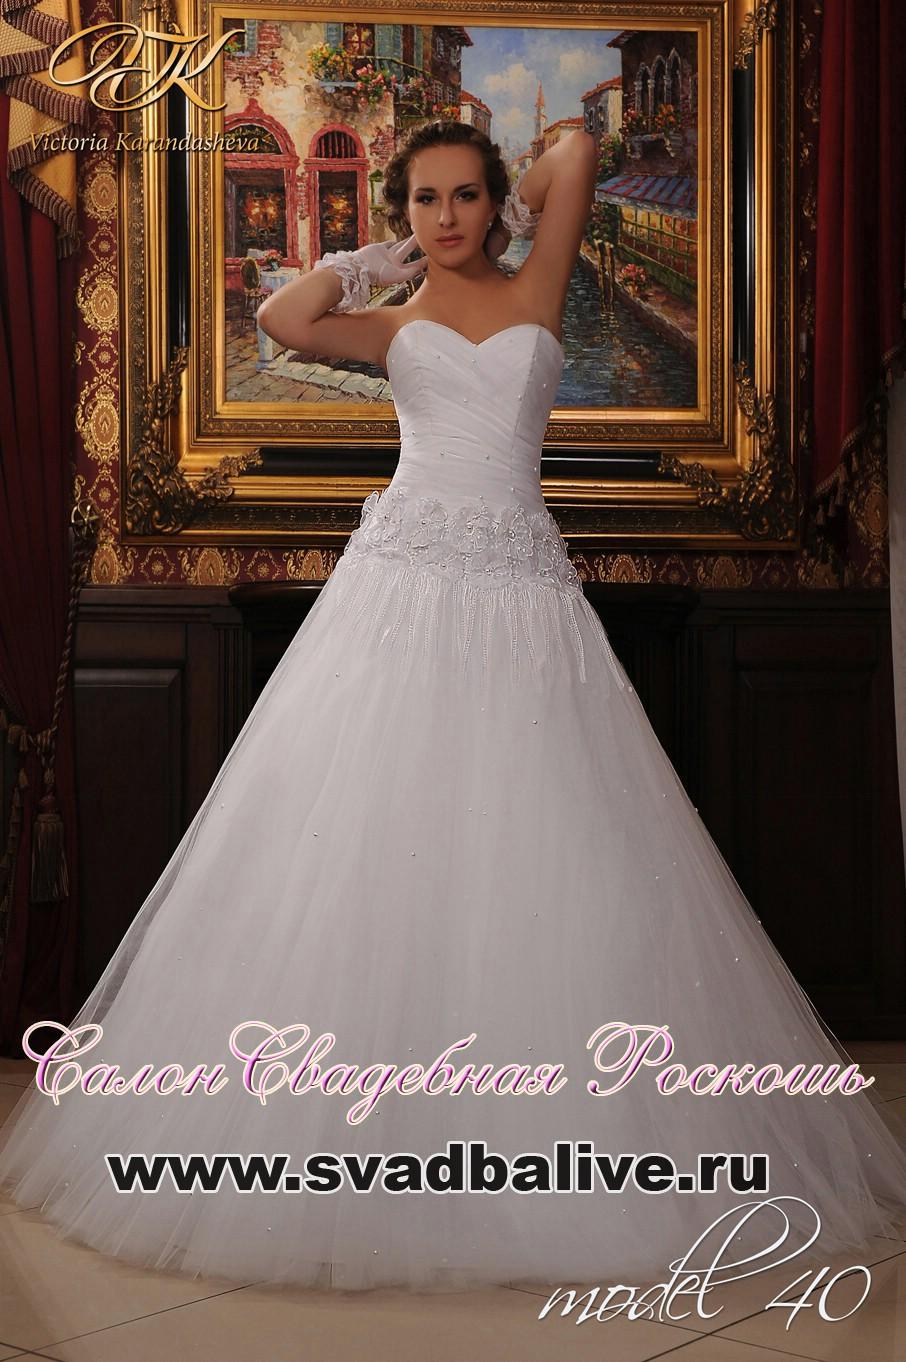 579f5697f59d07 Свадебная Роскошь - салон свадебных услуг | Организация свадеб